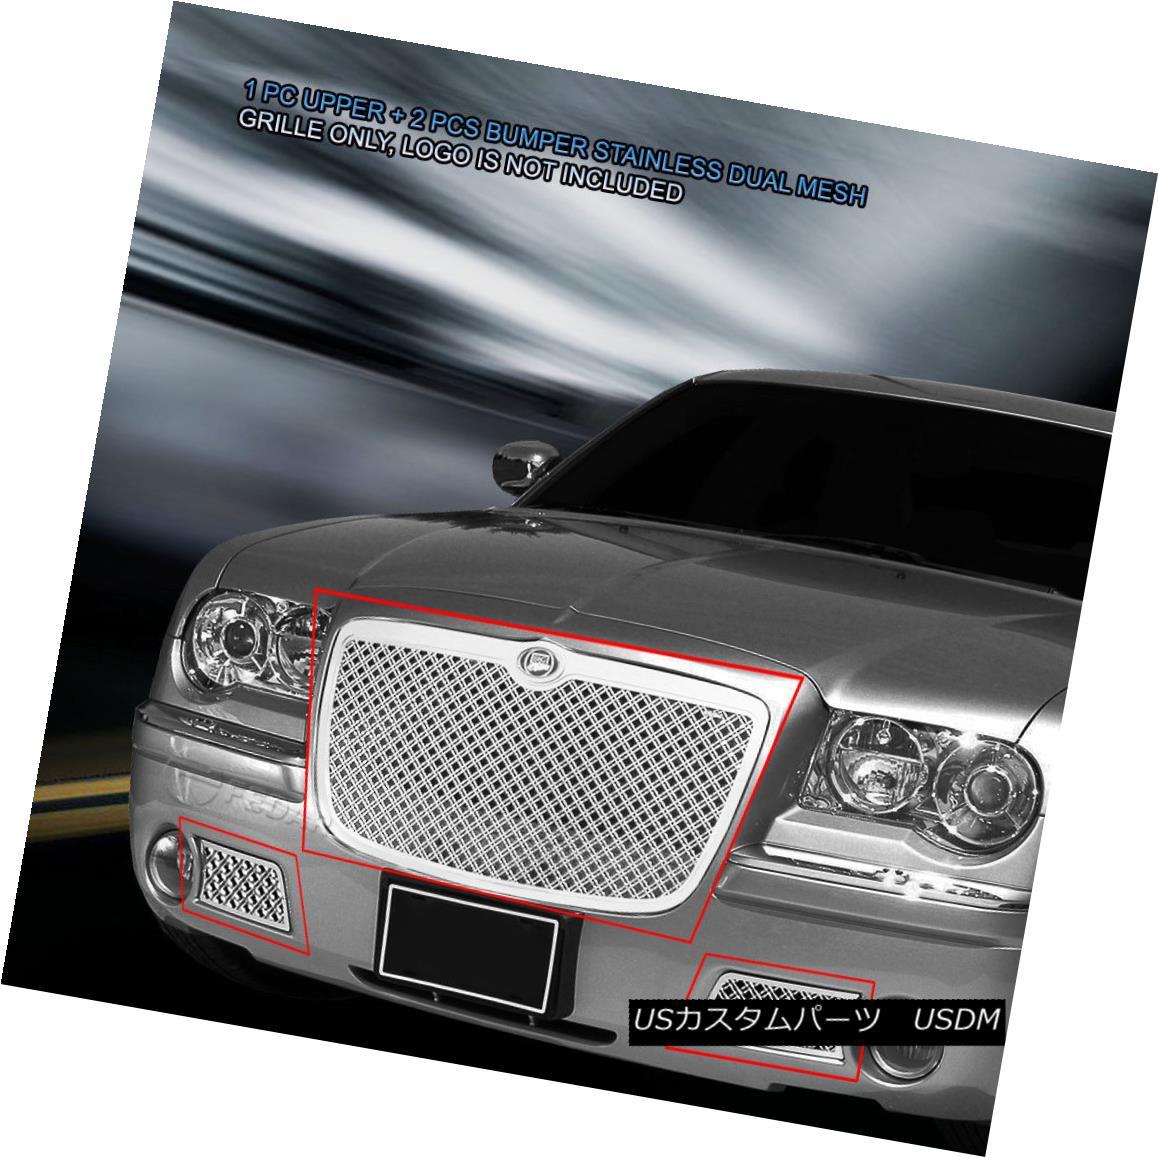 グリル Fedar Fits 2005-2010 Chrysler 300C Mesh Grille Combo Insert Fedarは2005-2010 Chrysler 300Cメッシュグリルコンボインサートに適合